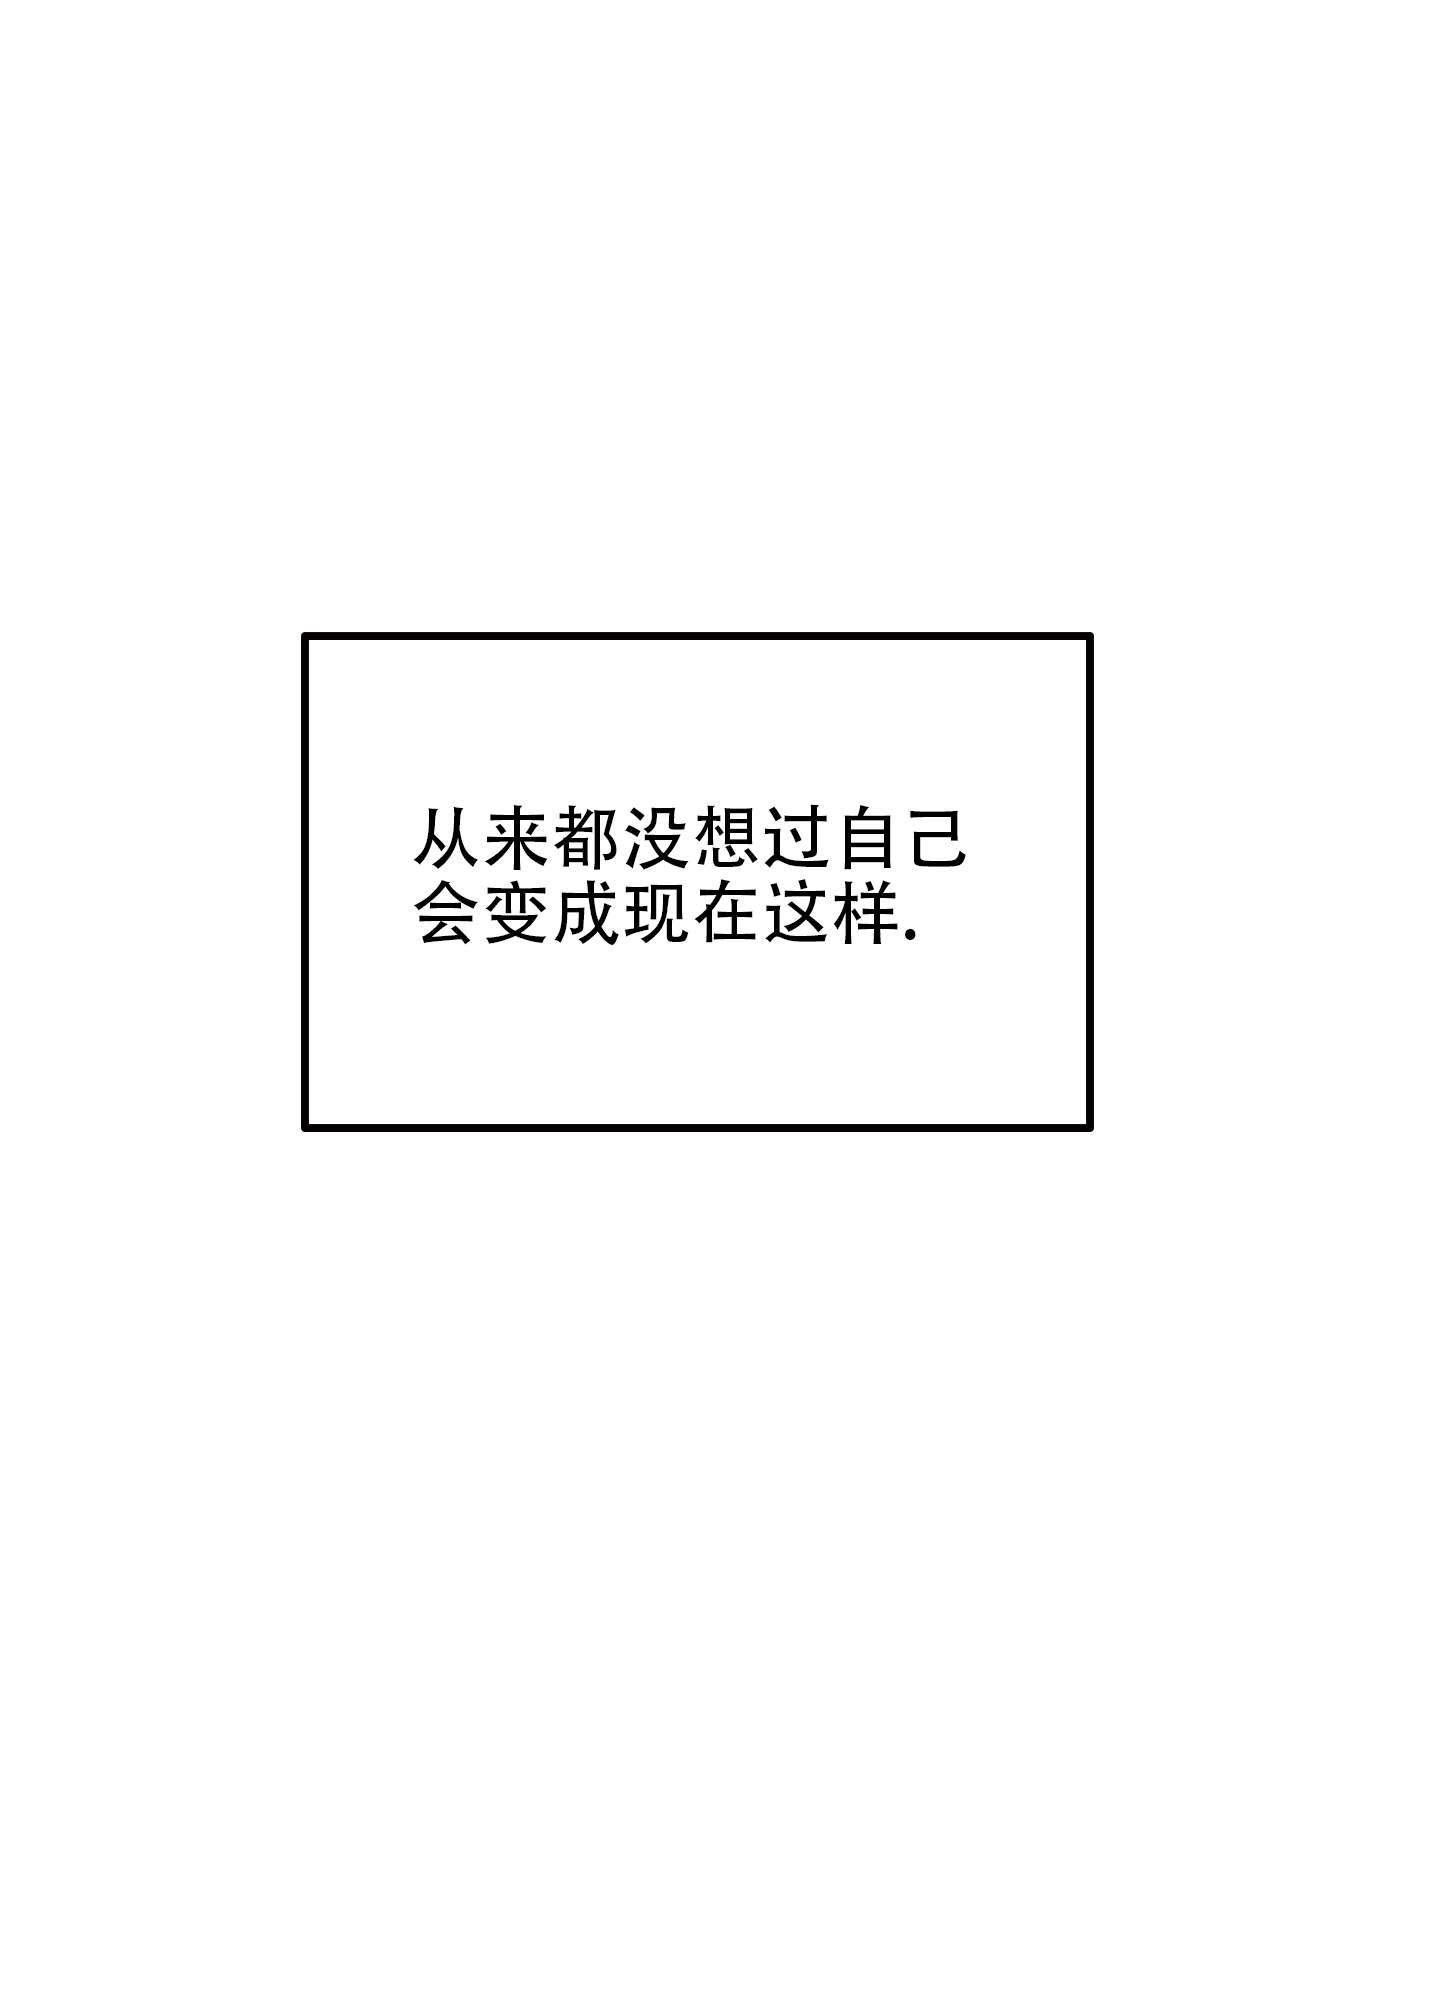 """韩漫《青春礼赞》被骗身无分文后,住进了披着羊皮的""""老虎""""家"""